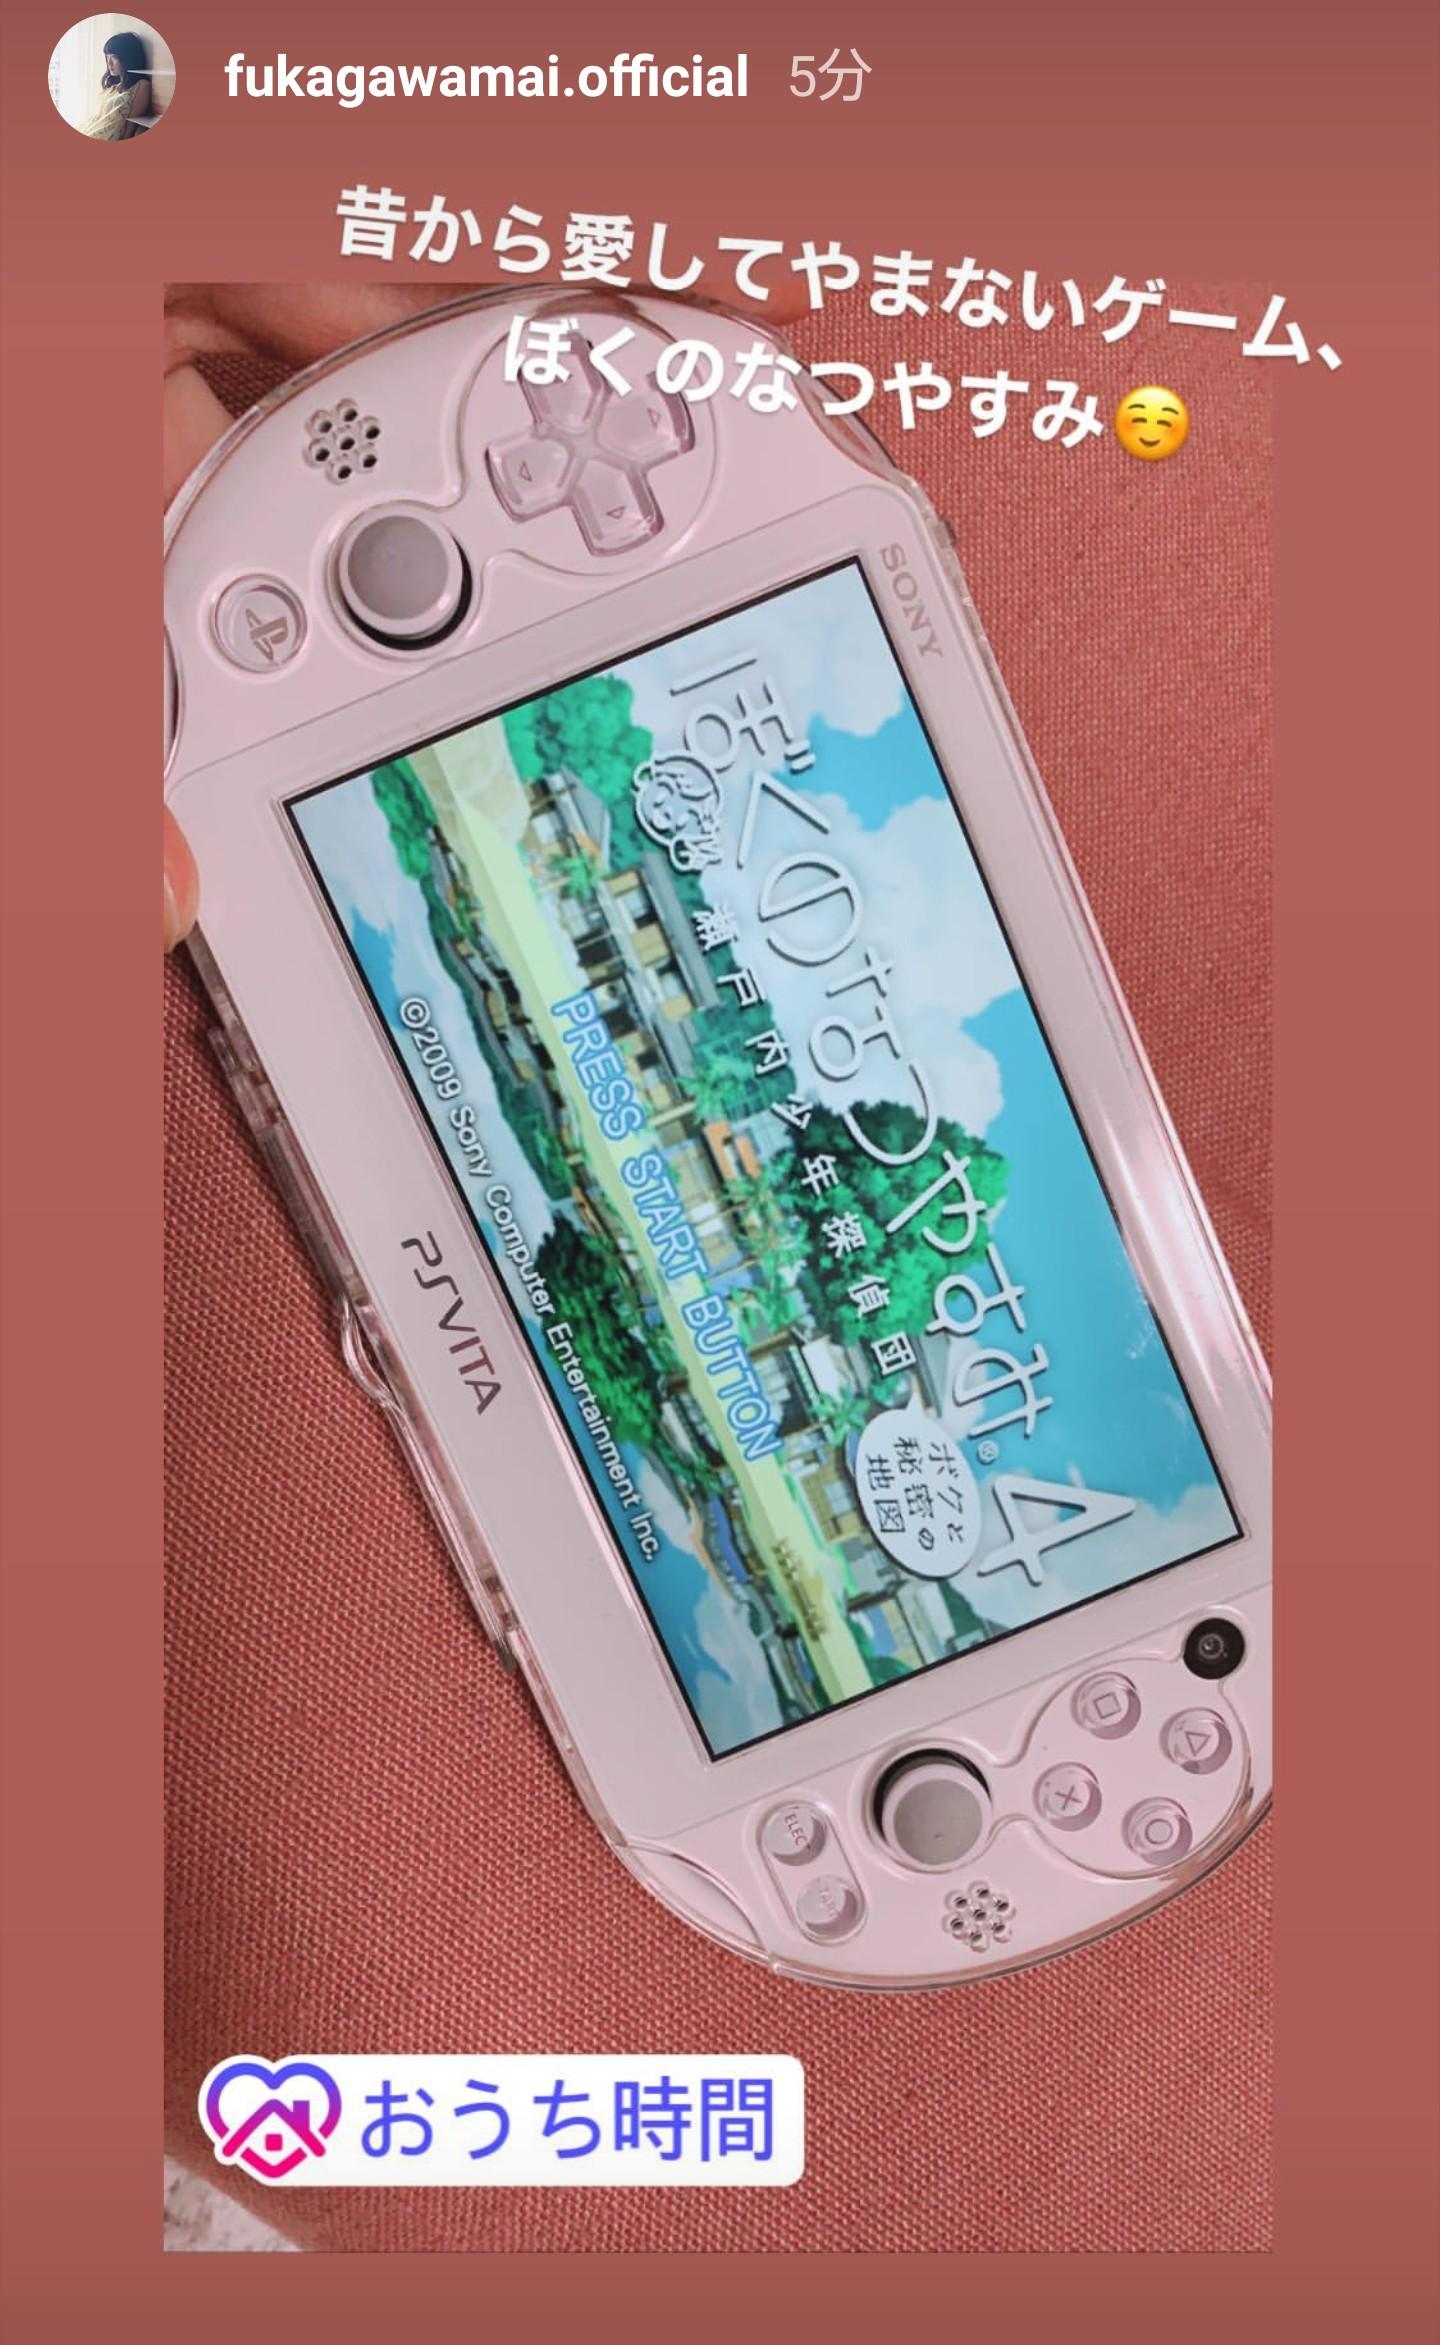 深川麻衣「昔から愛してやまないゲーム、ぼくのなつやすみ」